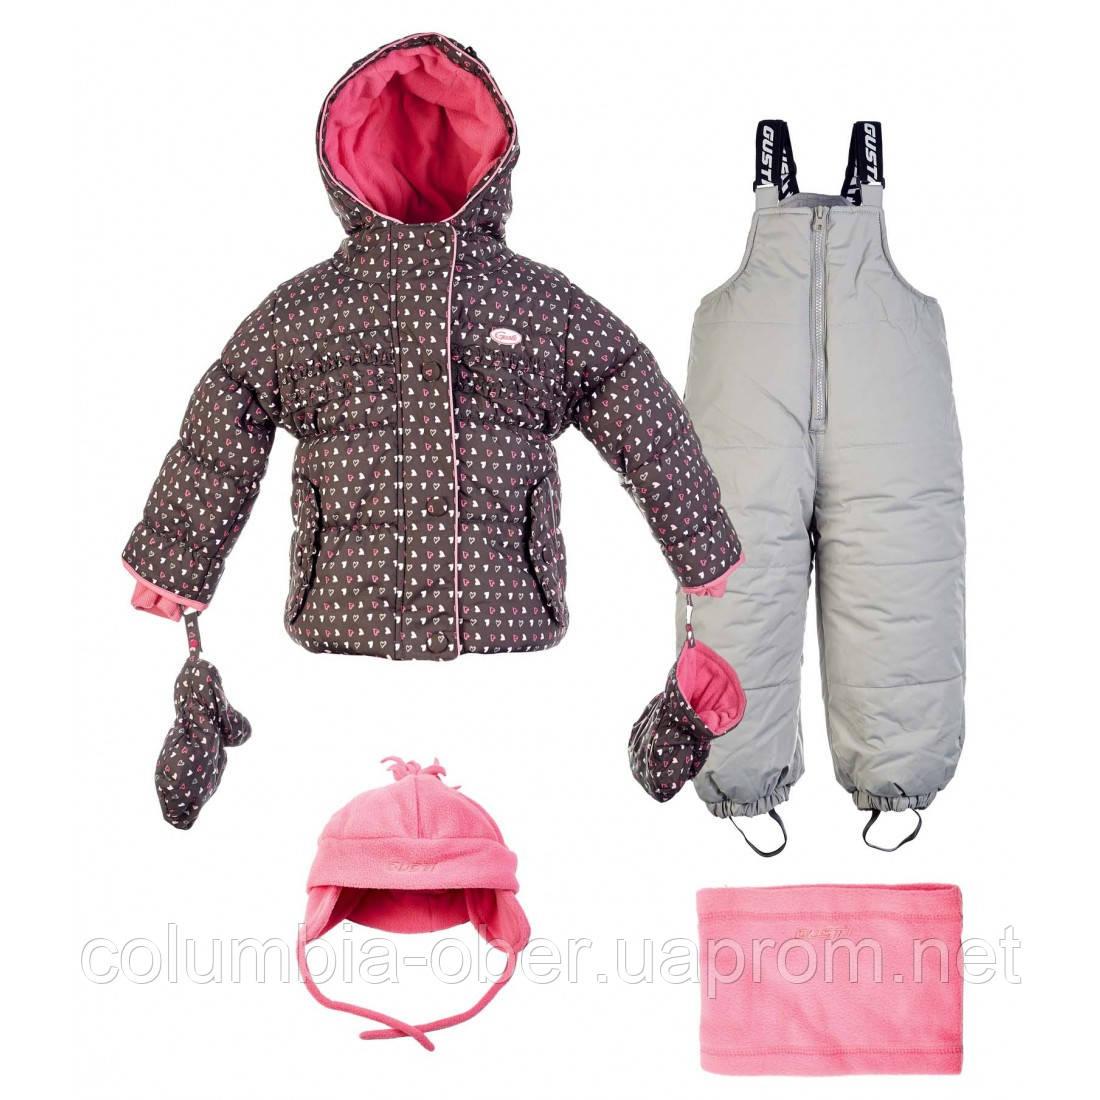 Зимний костюм для девочек с аксессуарами Gusti Boutique GWG 4747 Raven. Размеры 98 и 100.